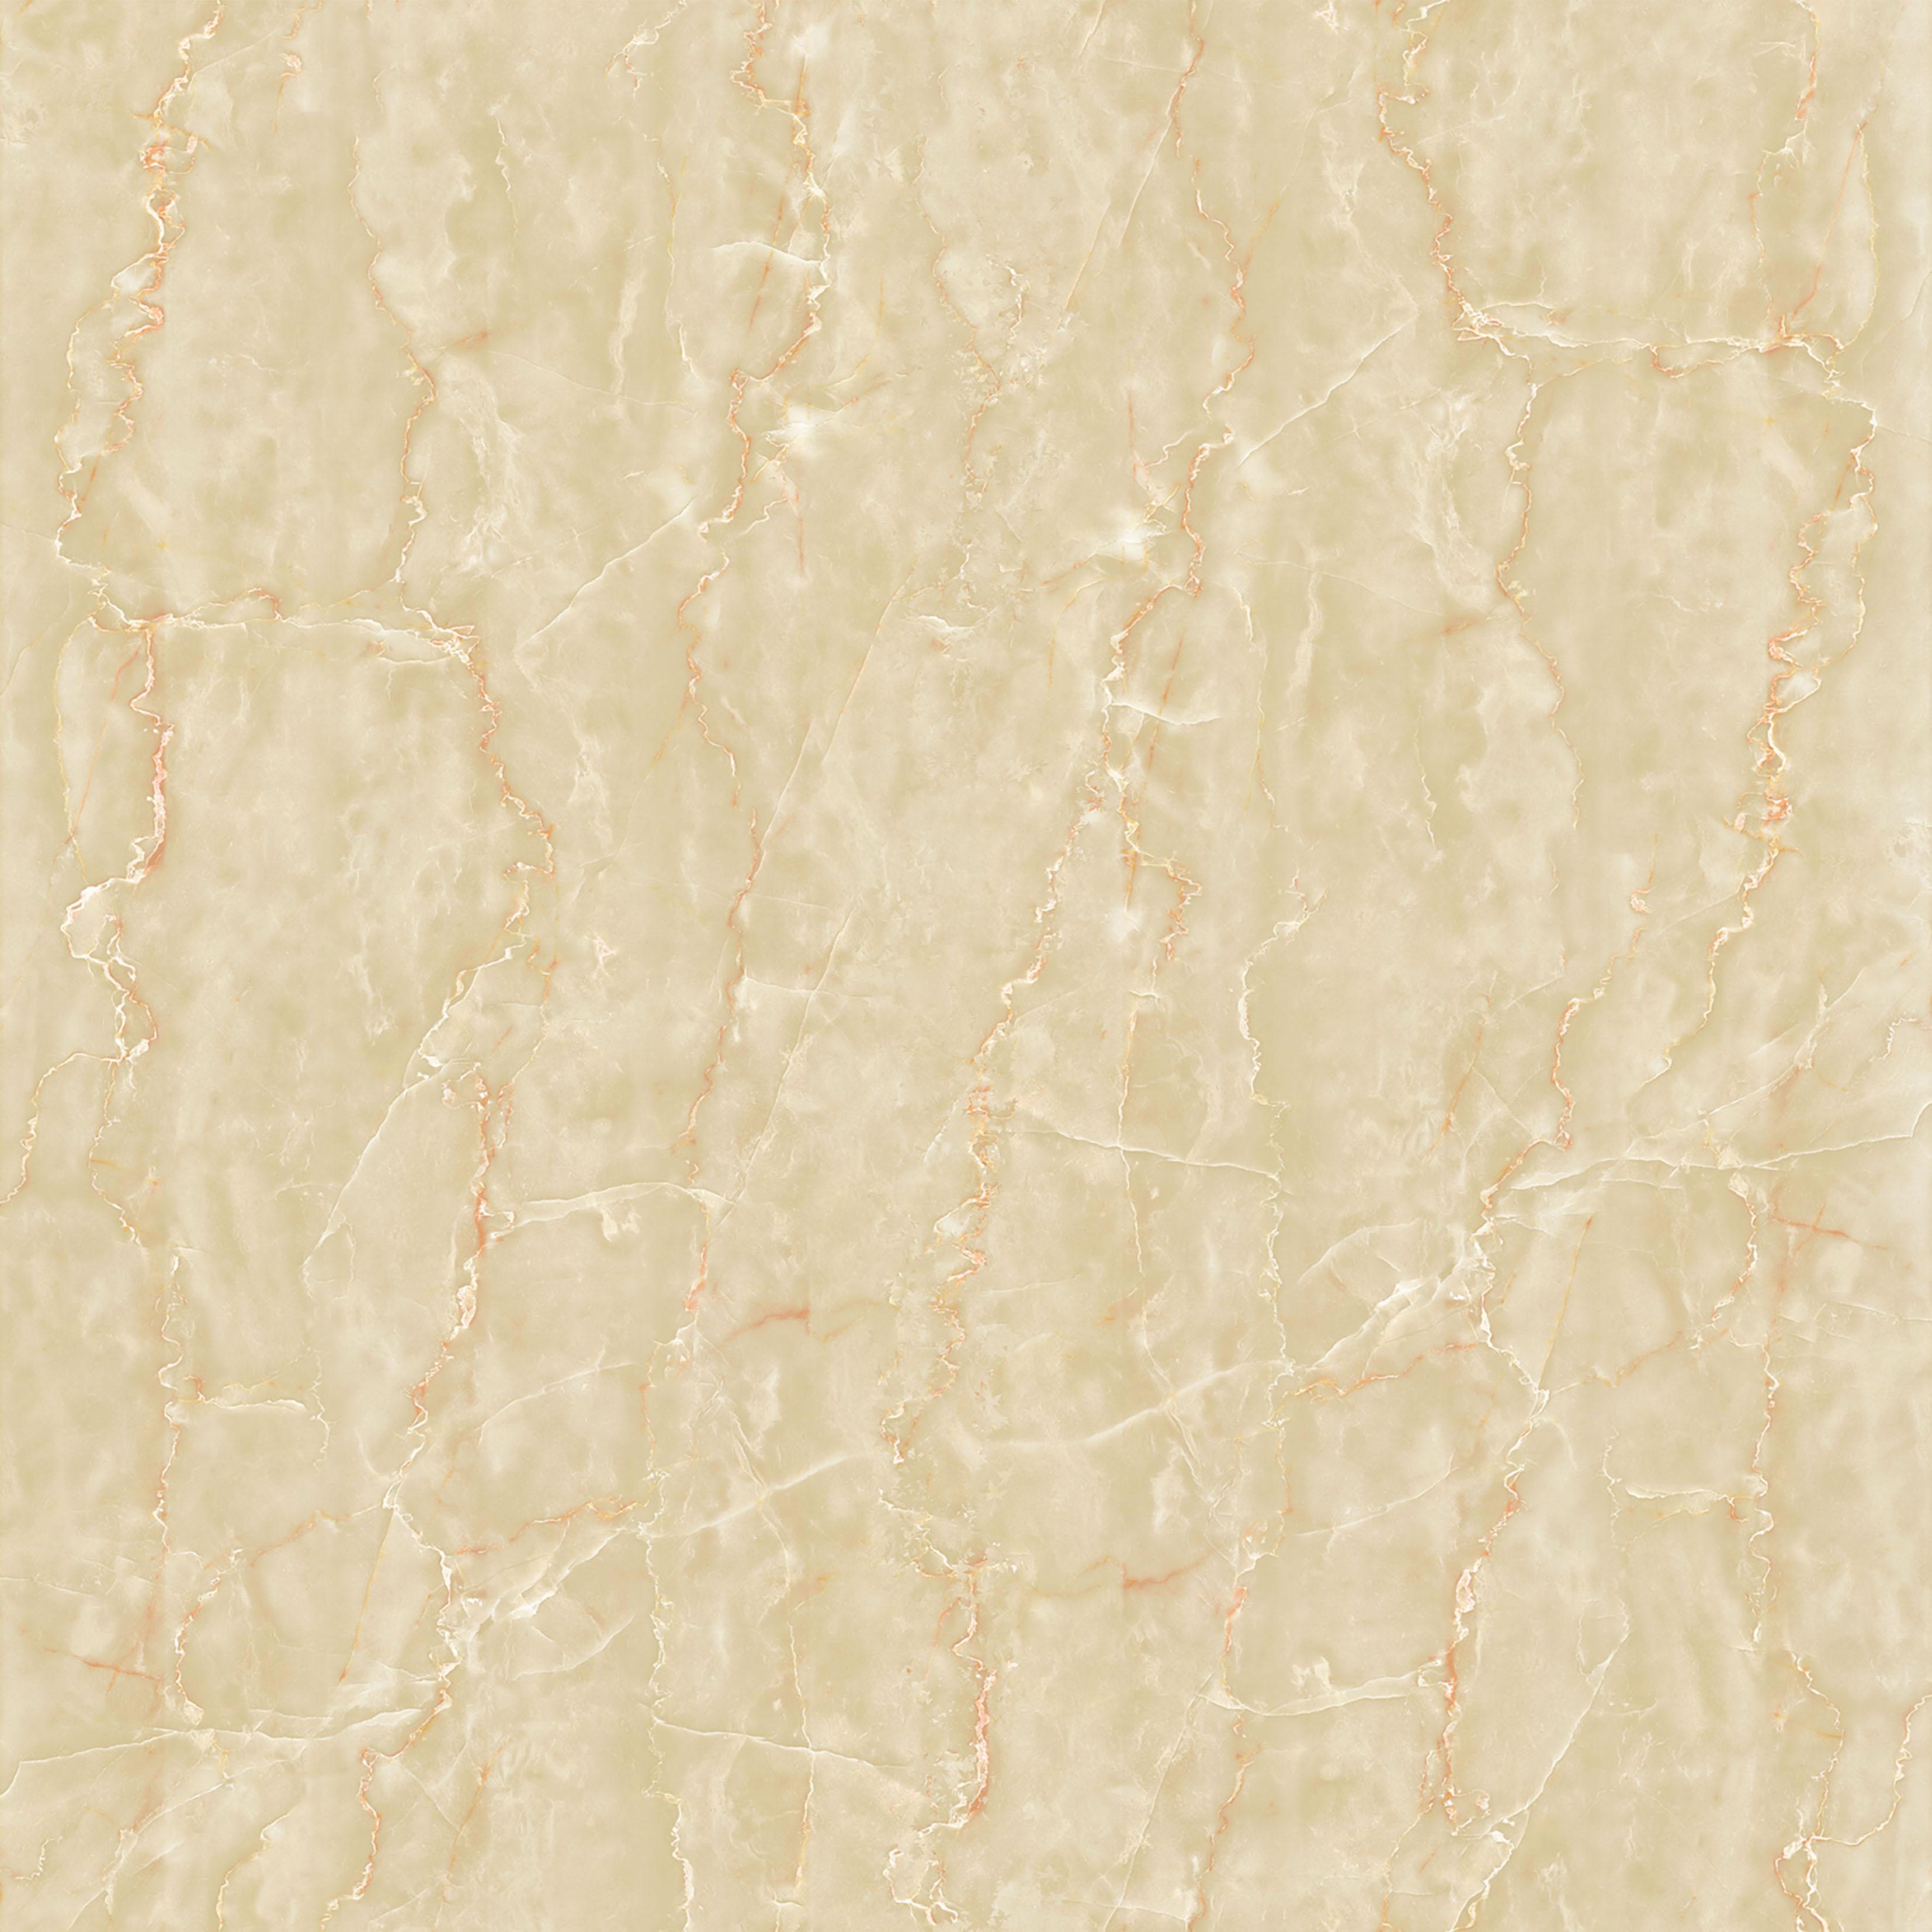 白瓷砖地板贴图